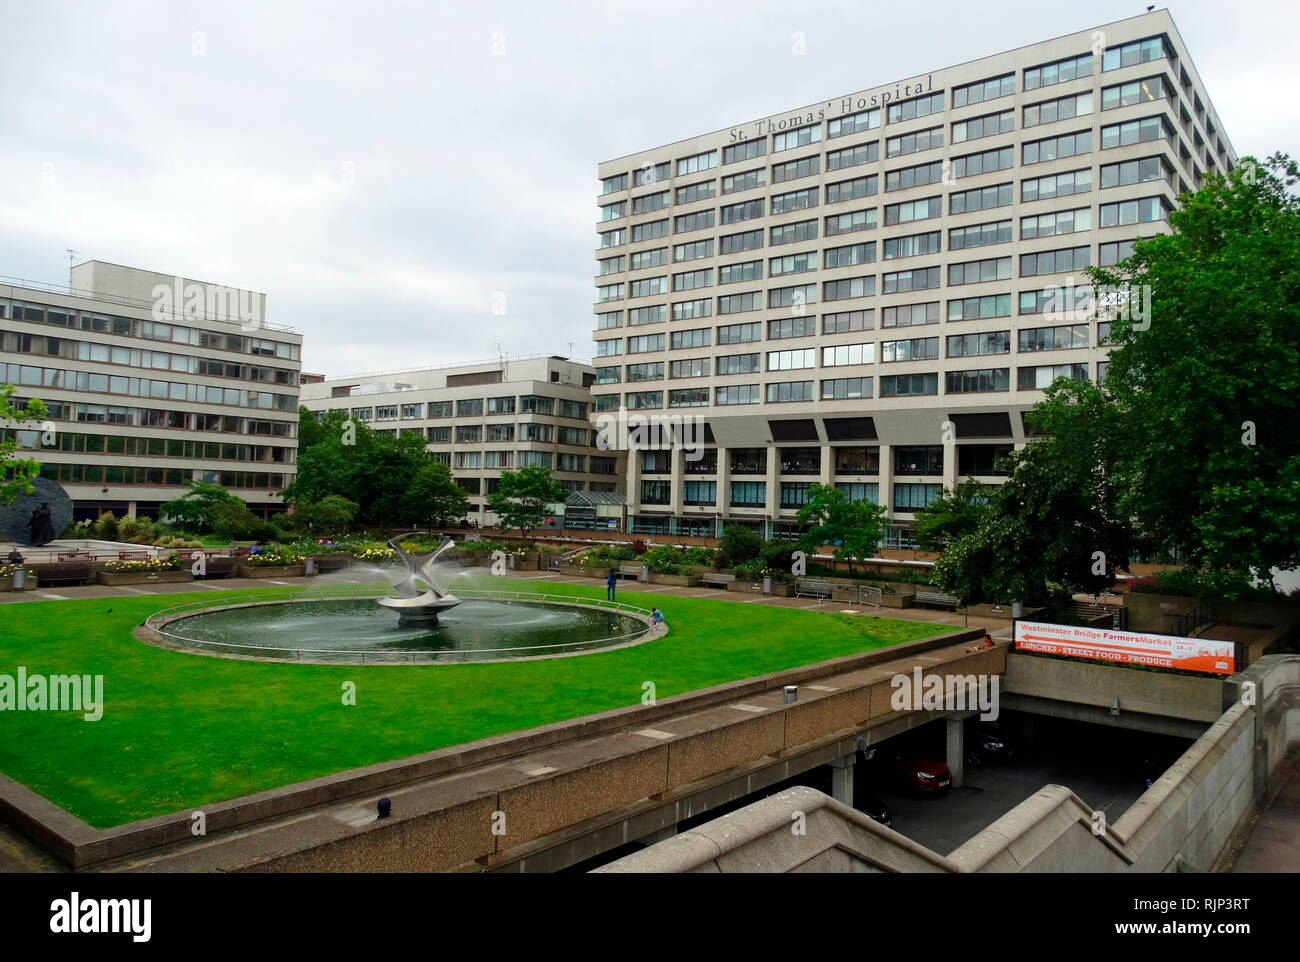 St Thomas' Hospital ist ein großer NHS Teaching Hospital in London, England. Der National Health Service (NHS) ist der öffentliche Gesundheitsdienst in Großbritannien. 1948 gegründet Stockbild